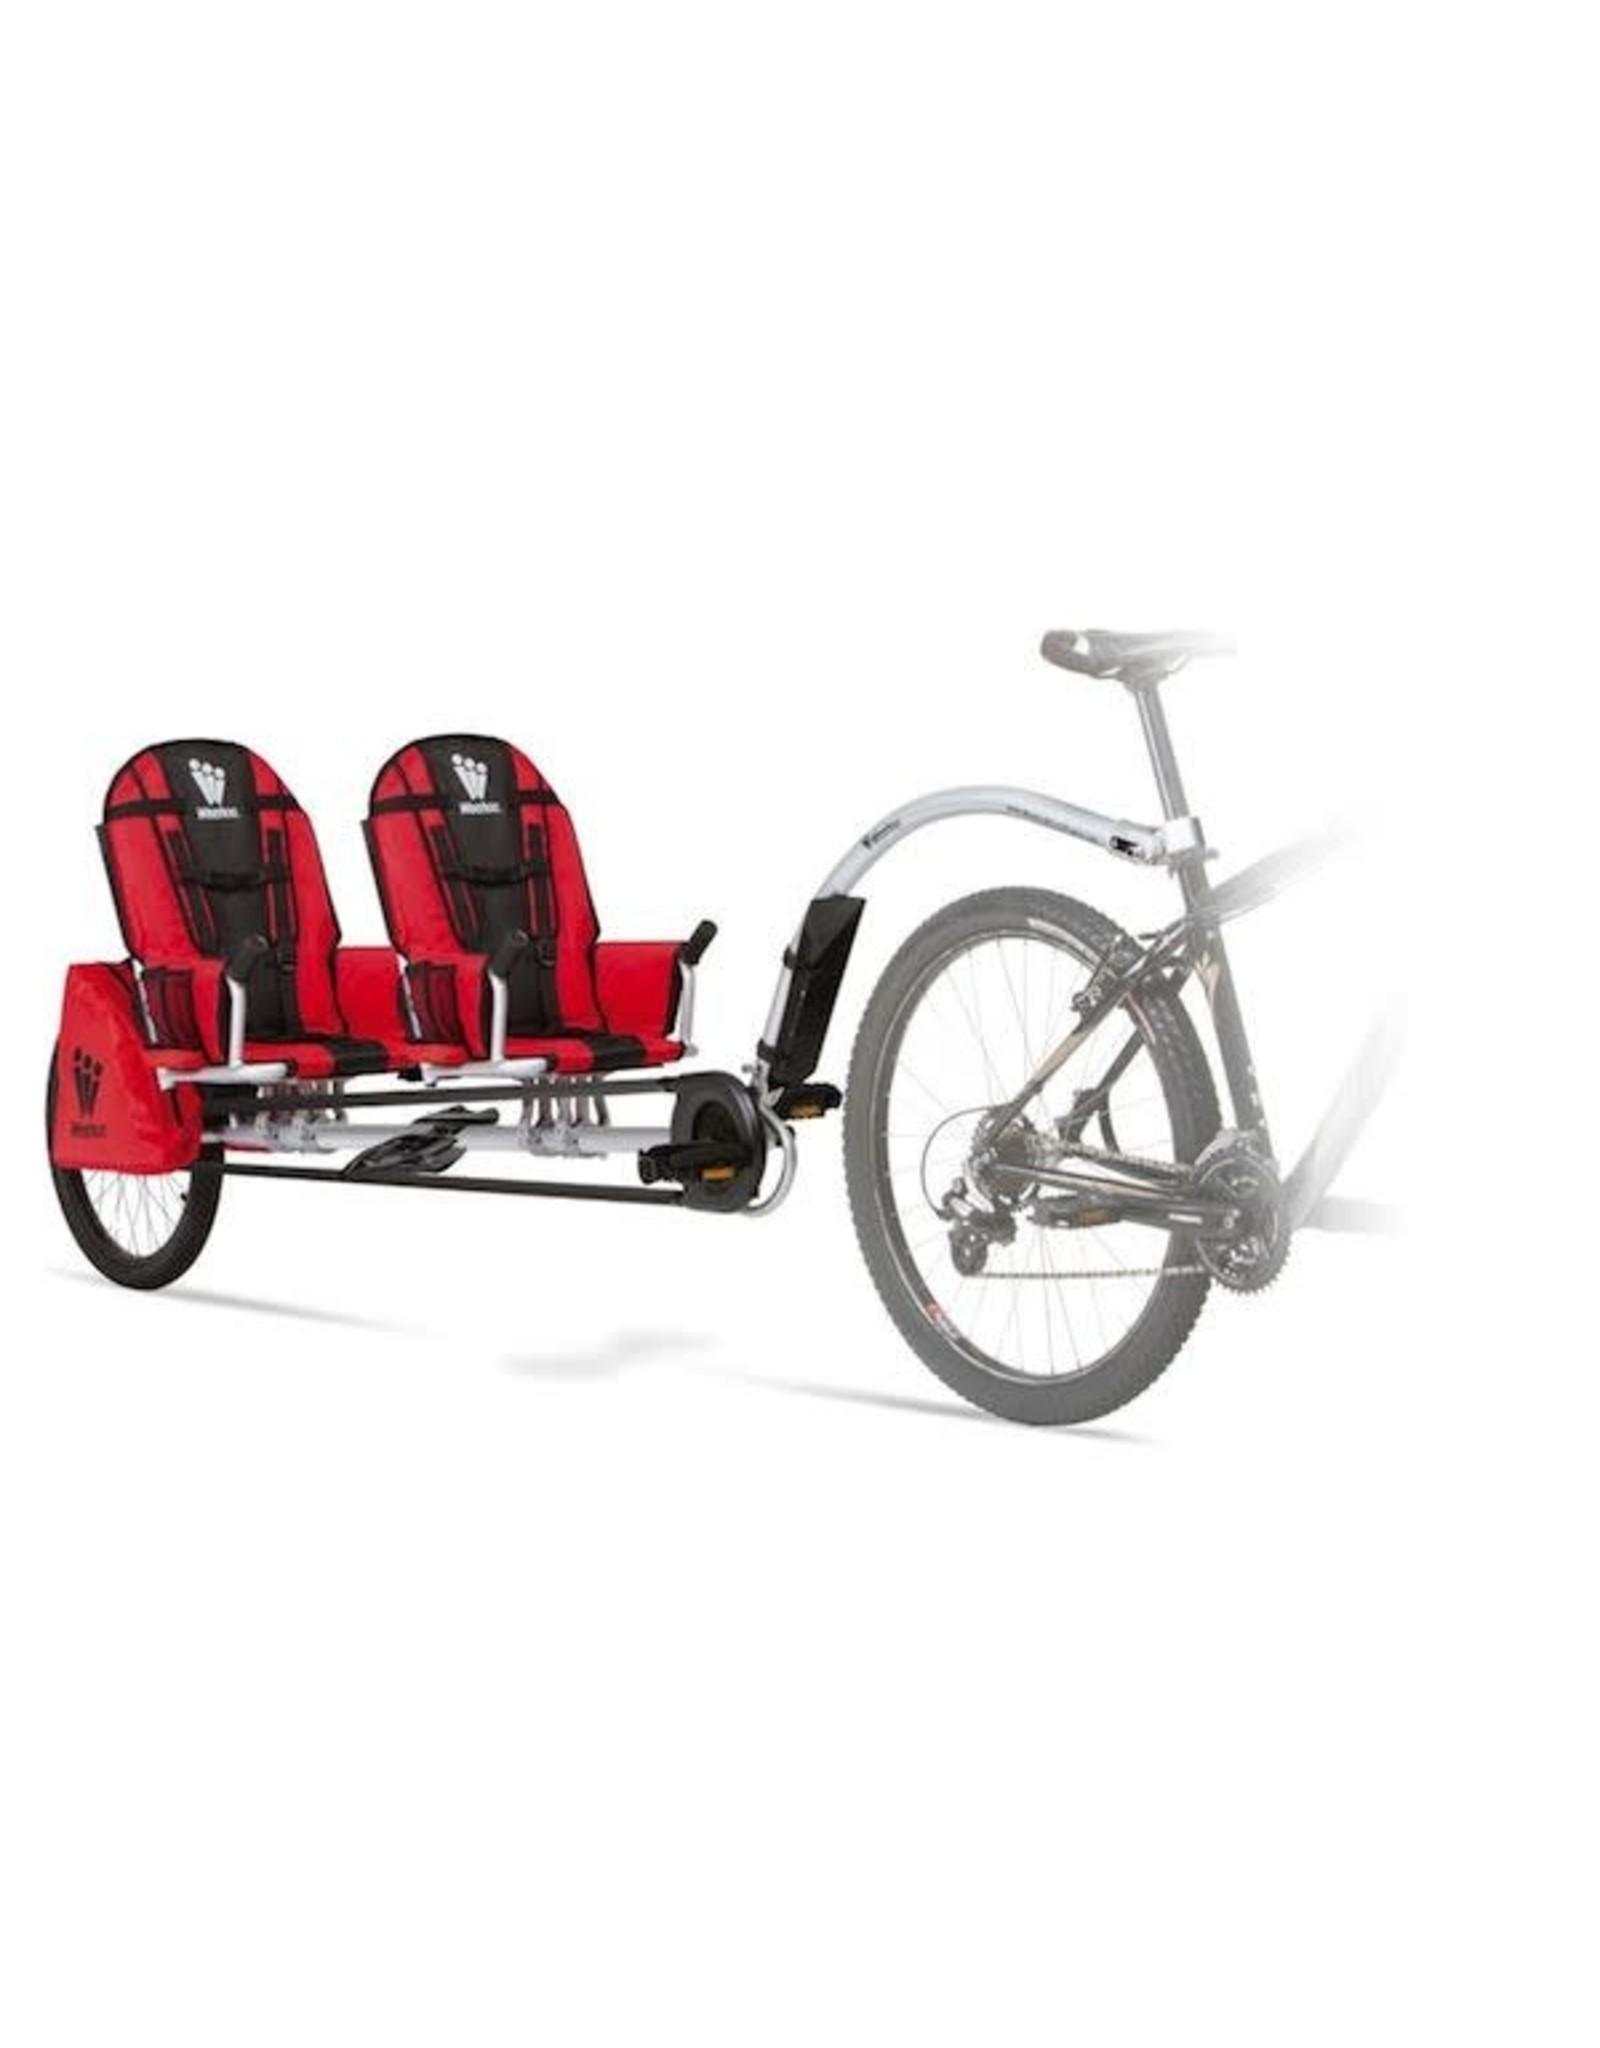 Weehoo Weehoo, iGo Two, Seat trailer